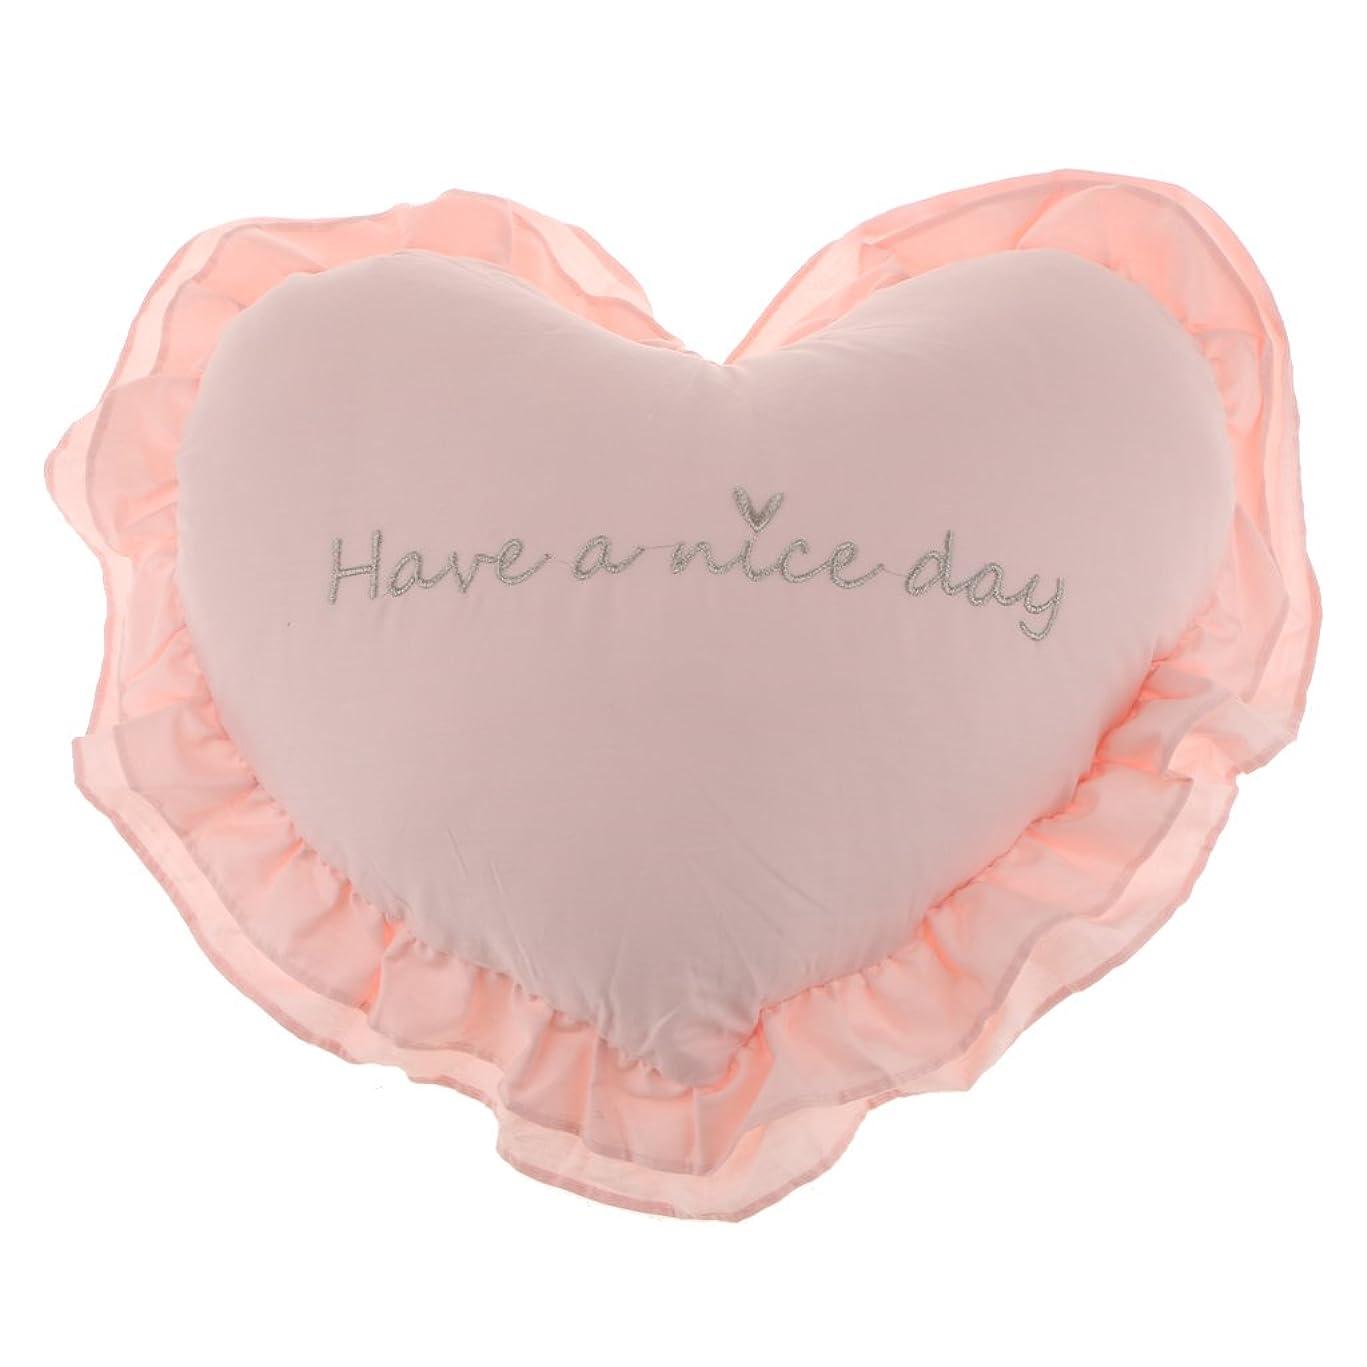 スパークに導入するSunniMix 柔らかい 枕 ハート型 取り外し可能 洗濯可能 快適 抱き枕 クッション 部屋 装飾 素晴らしい 贈り物 多色選べる - ピンク